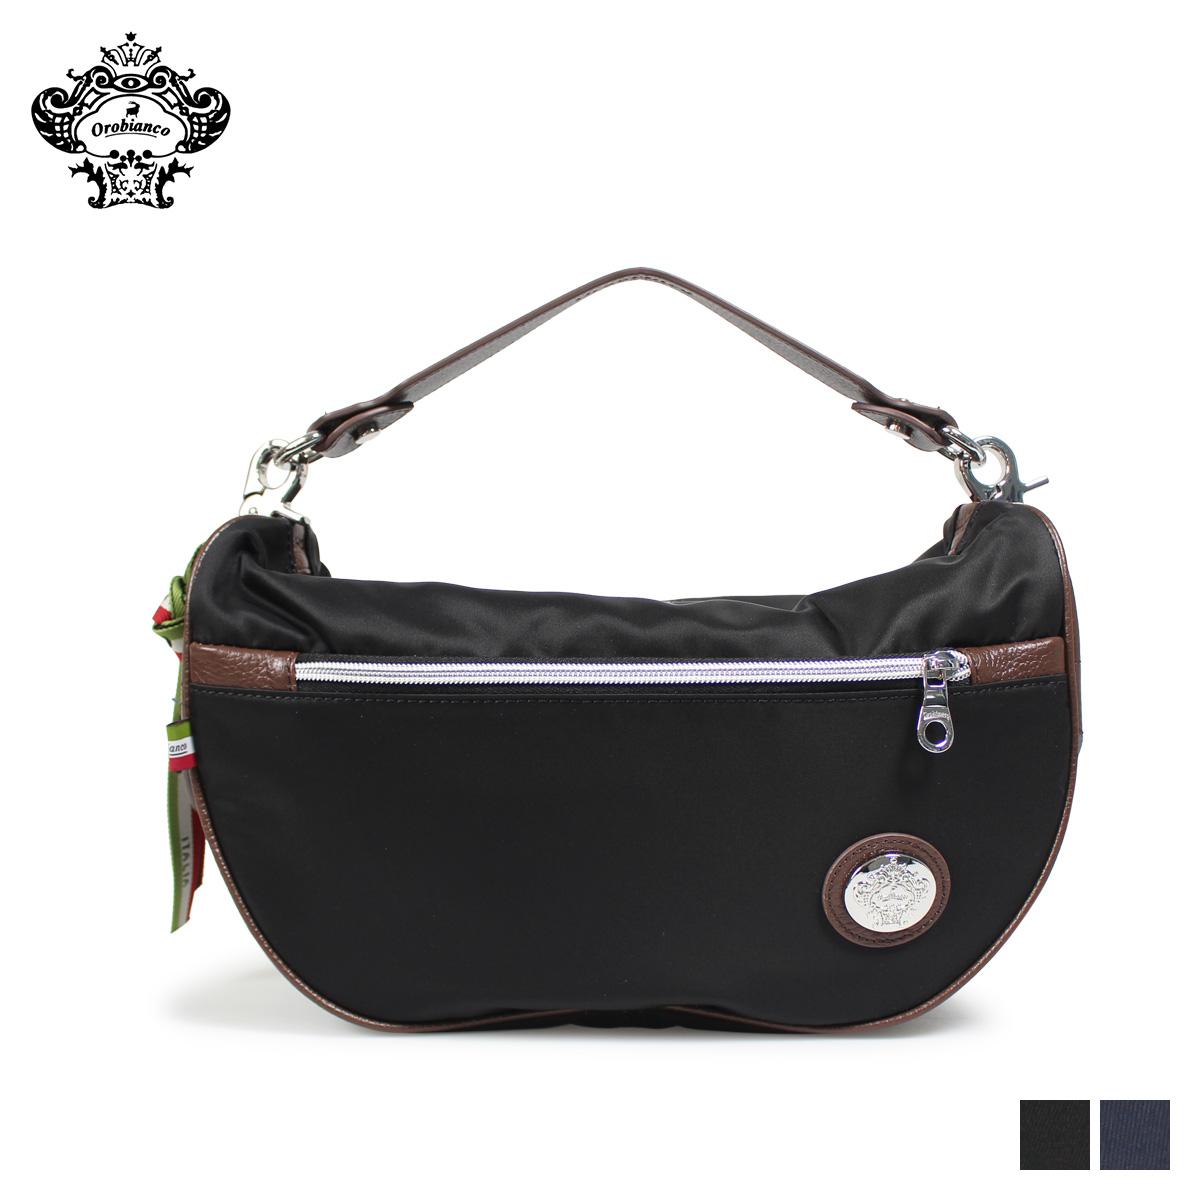 Orobianco オロビアンコ バッグ ショルダーバッグ メンズ TRUCCO-C 04 ブラック ネイビー 黒 92174